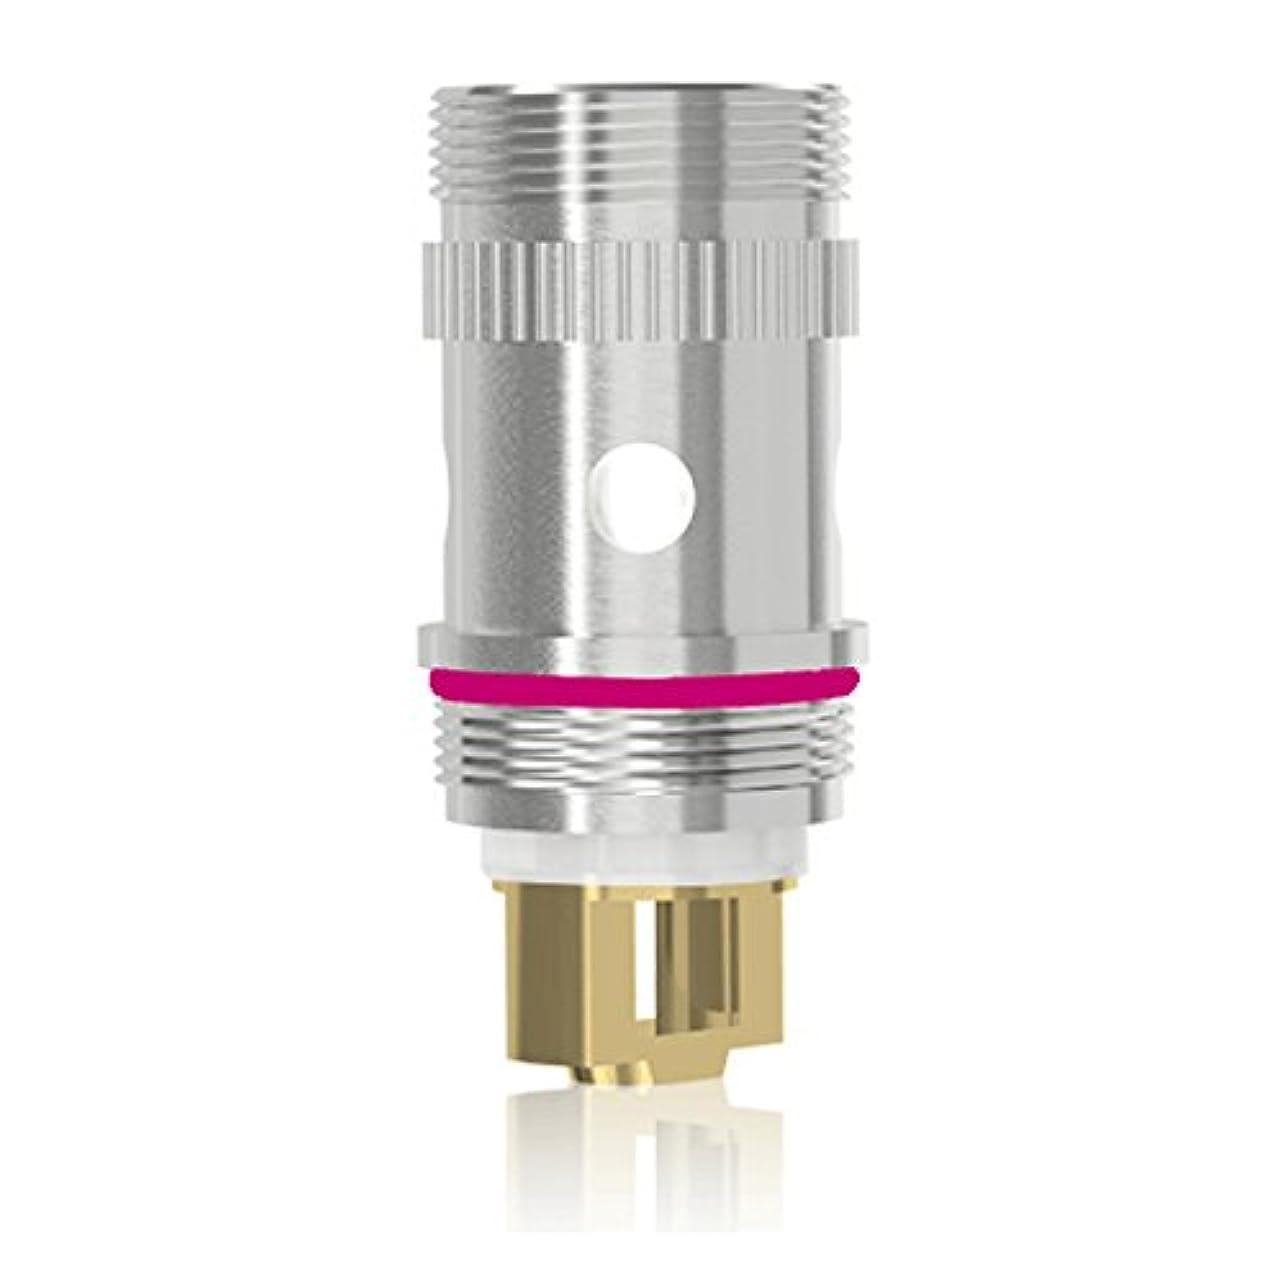 男やもめ対称絶え間ない電子タバコ 交換コイル Eleaf EC head アトマイザーヘッド 5個セット TC/TCR 温度管理機能 MELO 2 /MELO/iJust2対応 コイル(Ti チタン 0.5Ω)